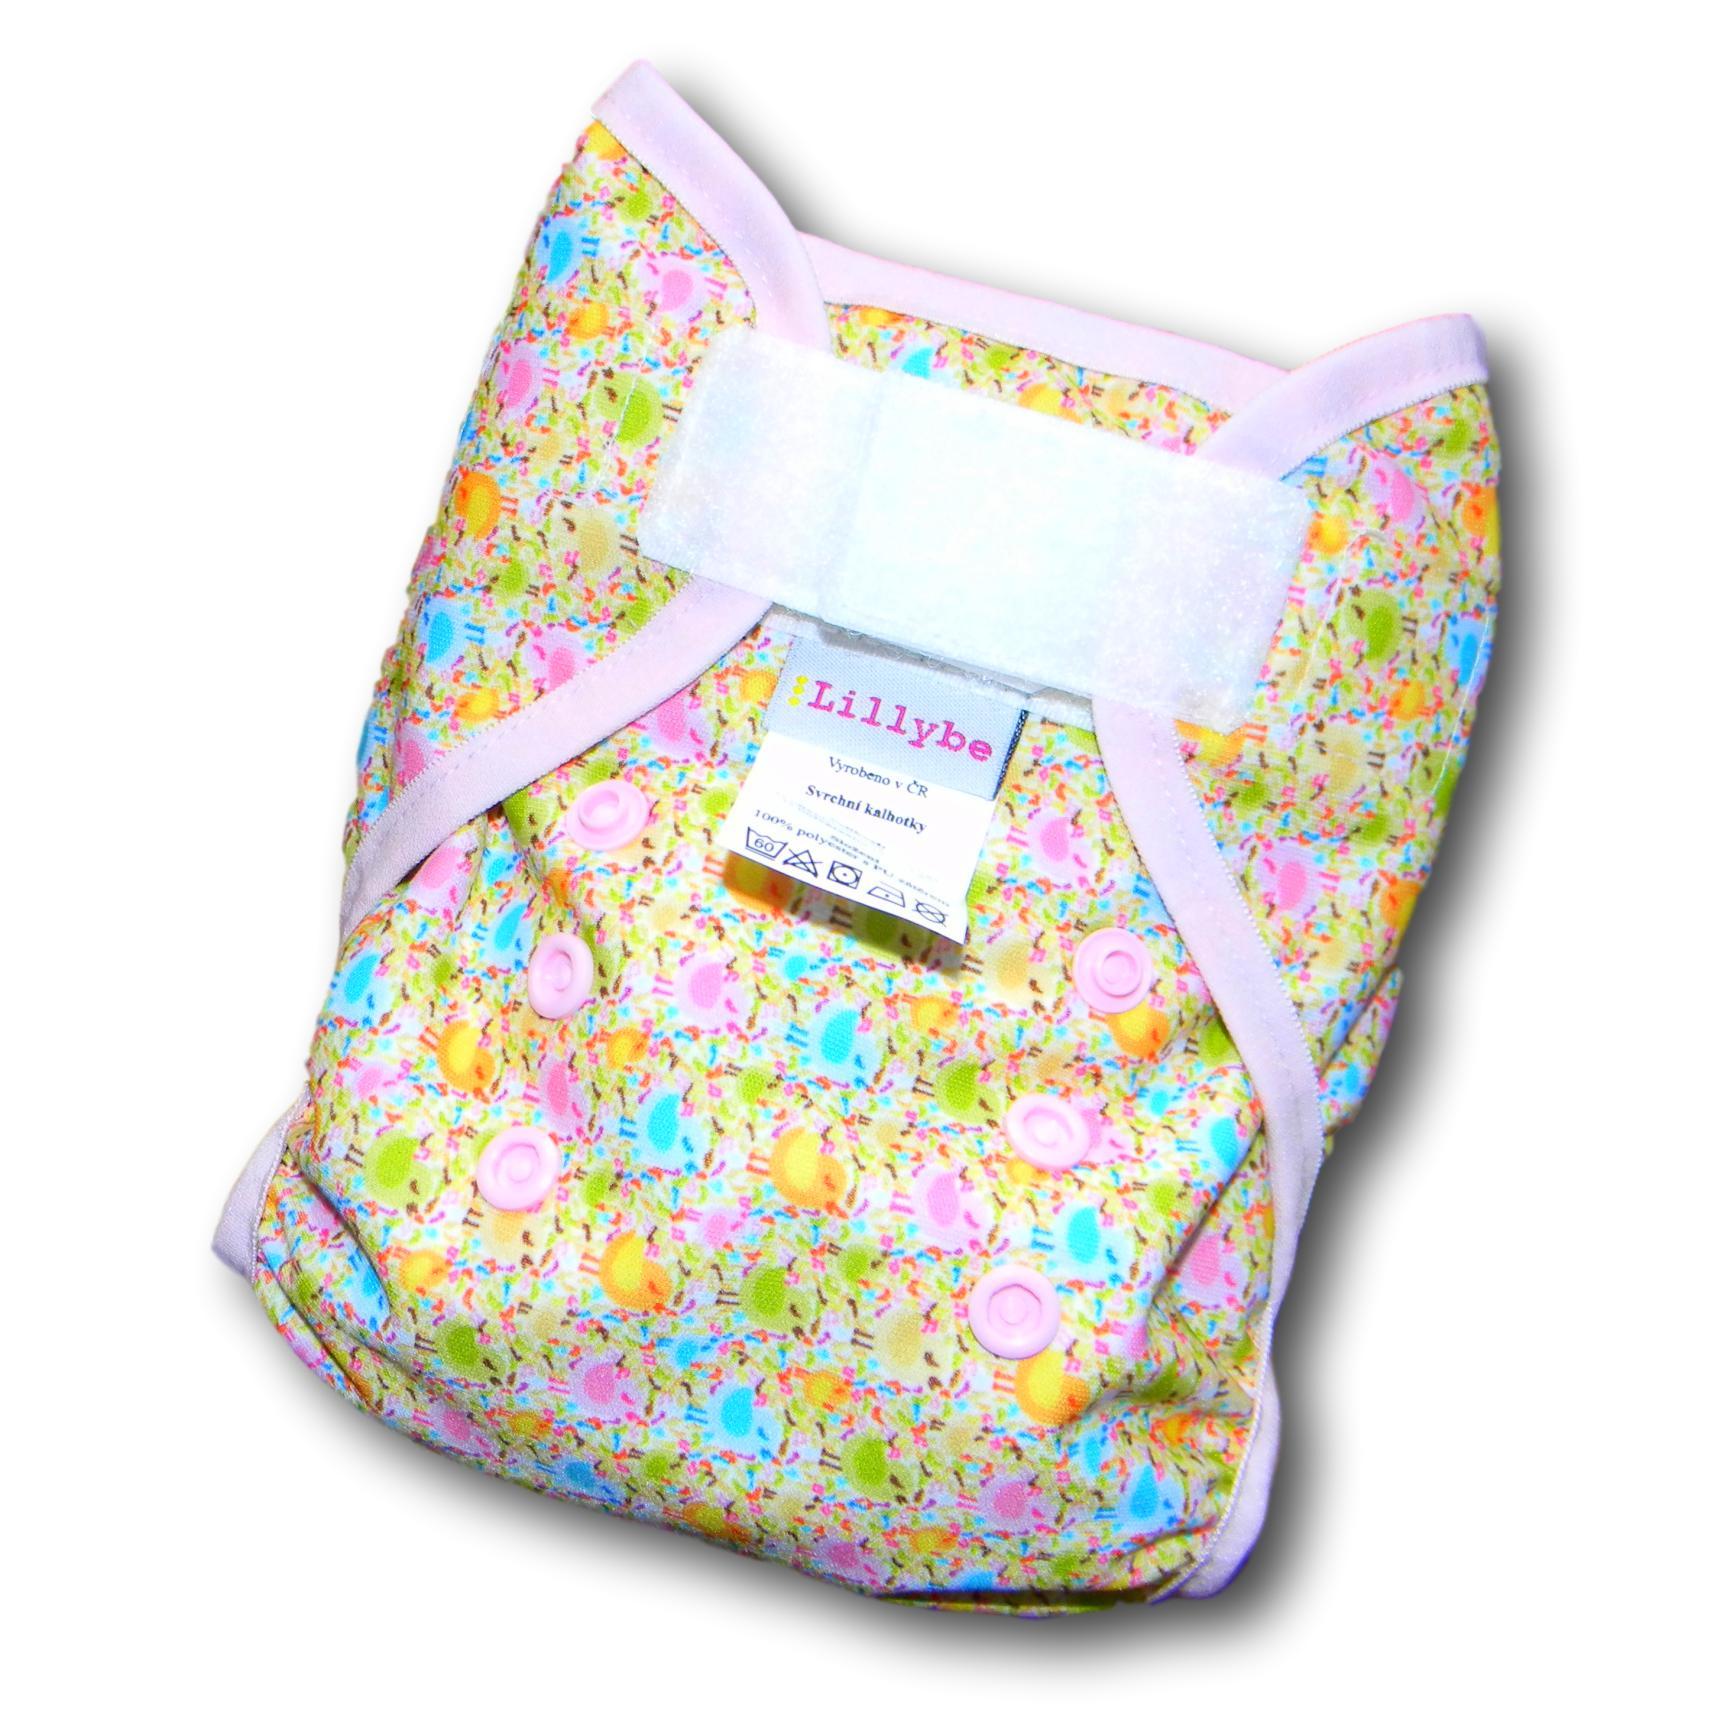 Svrchní kalhotky novorozenecké Lillybe SZ. ptáčci růžoví (Novorozenecké svrchní kalhotky 2-9 kg)